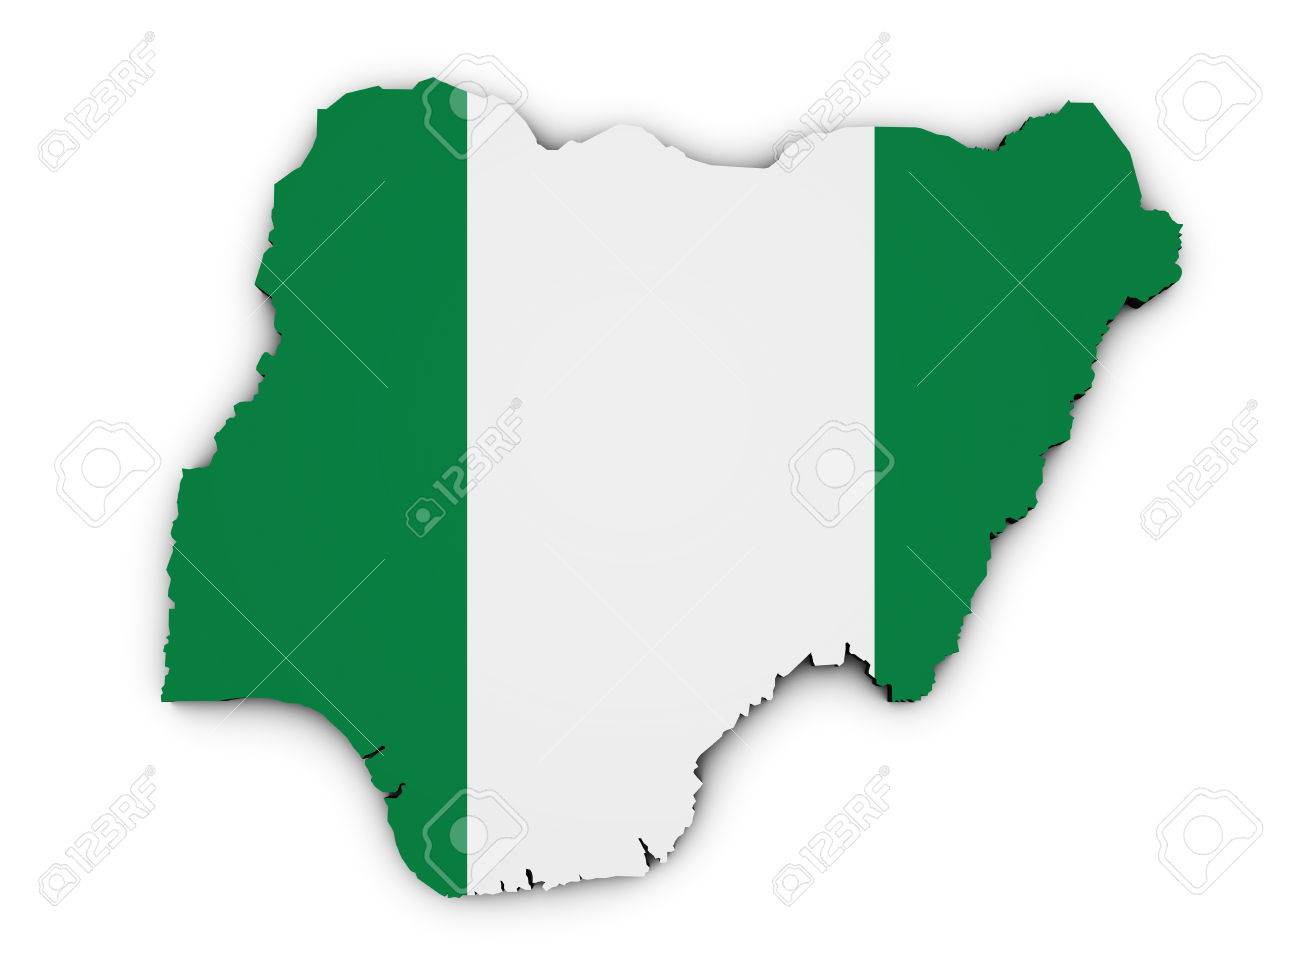 le nigeria drapeau